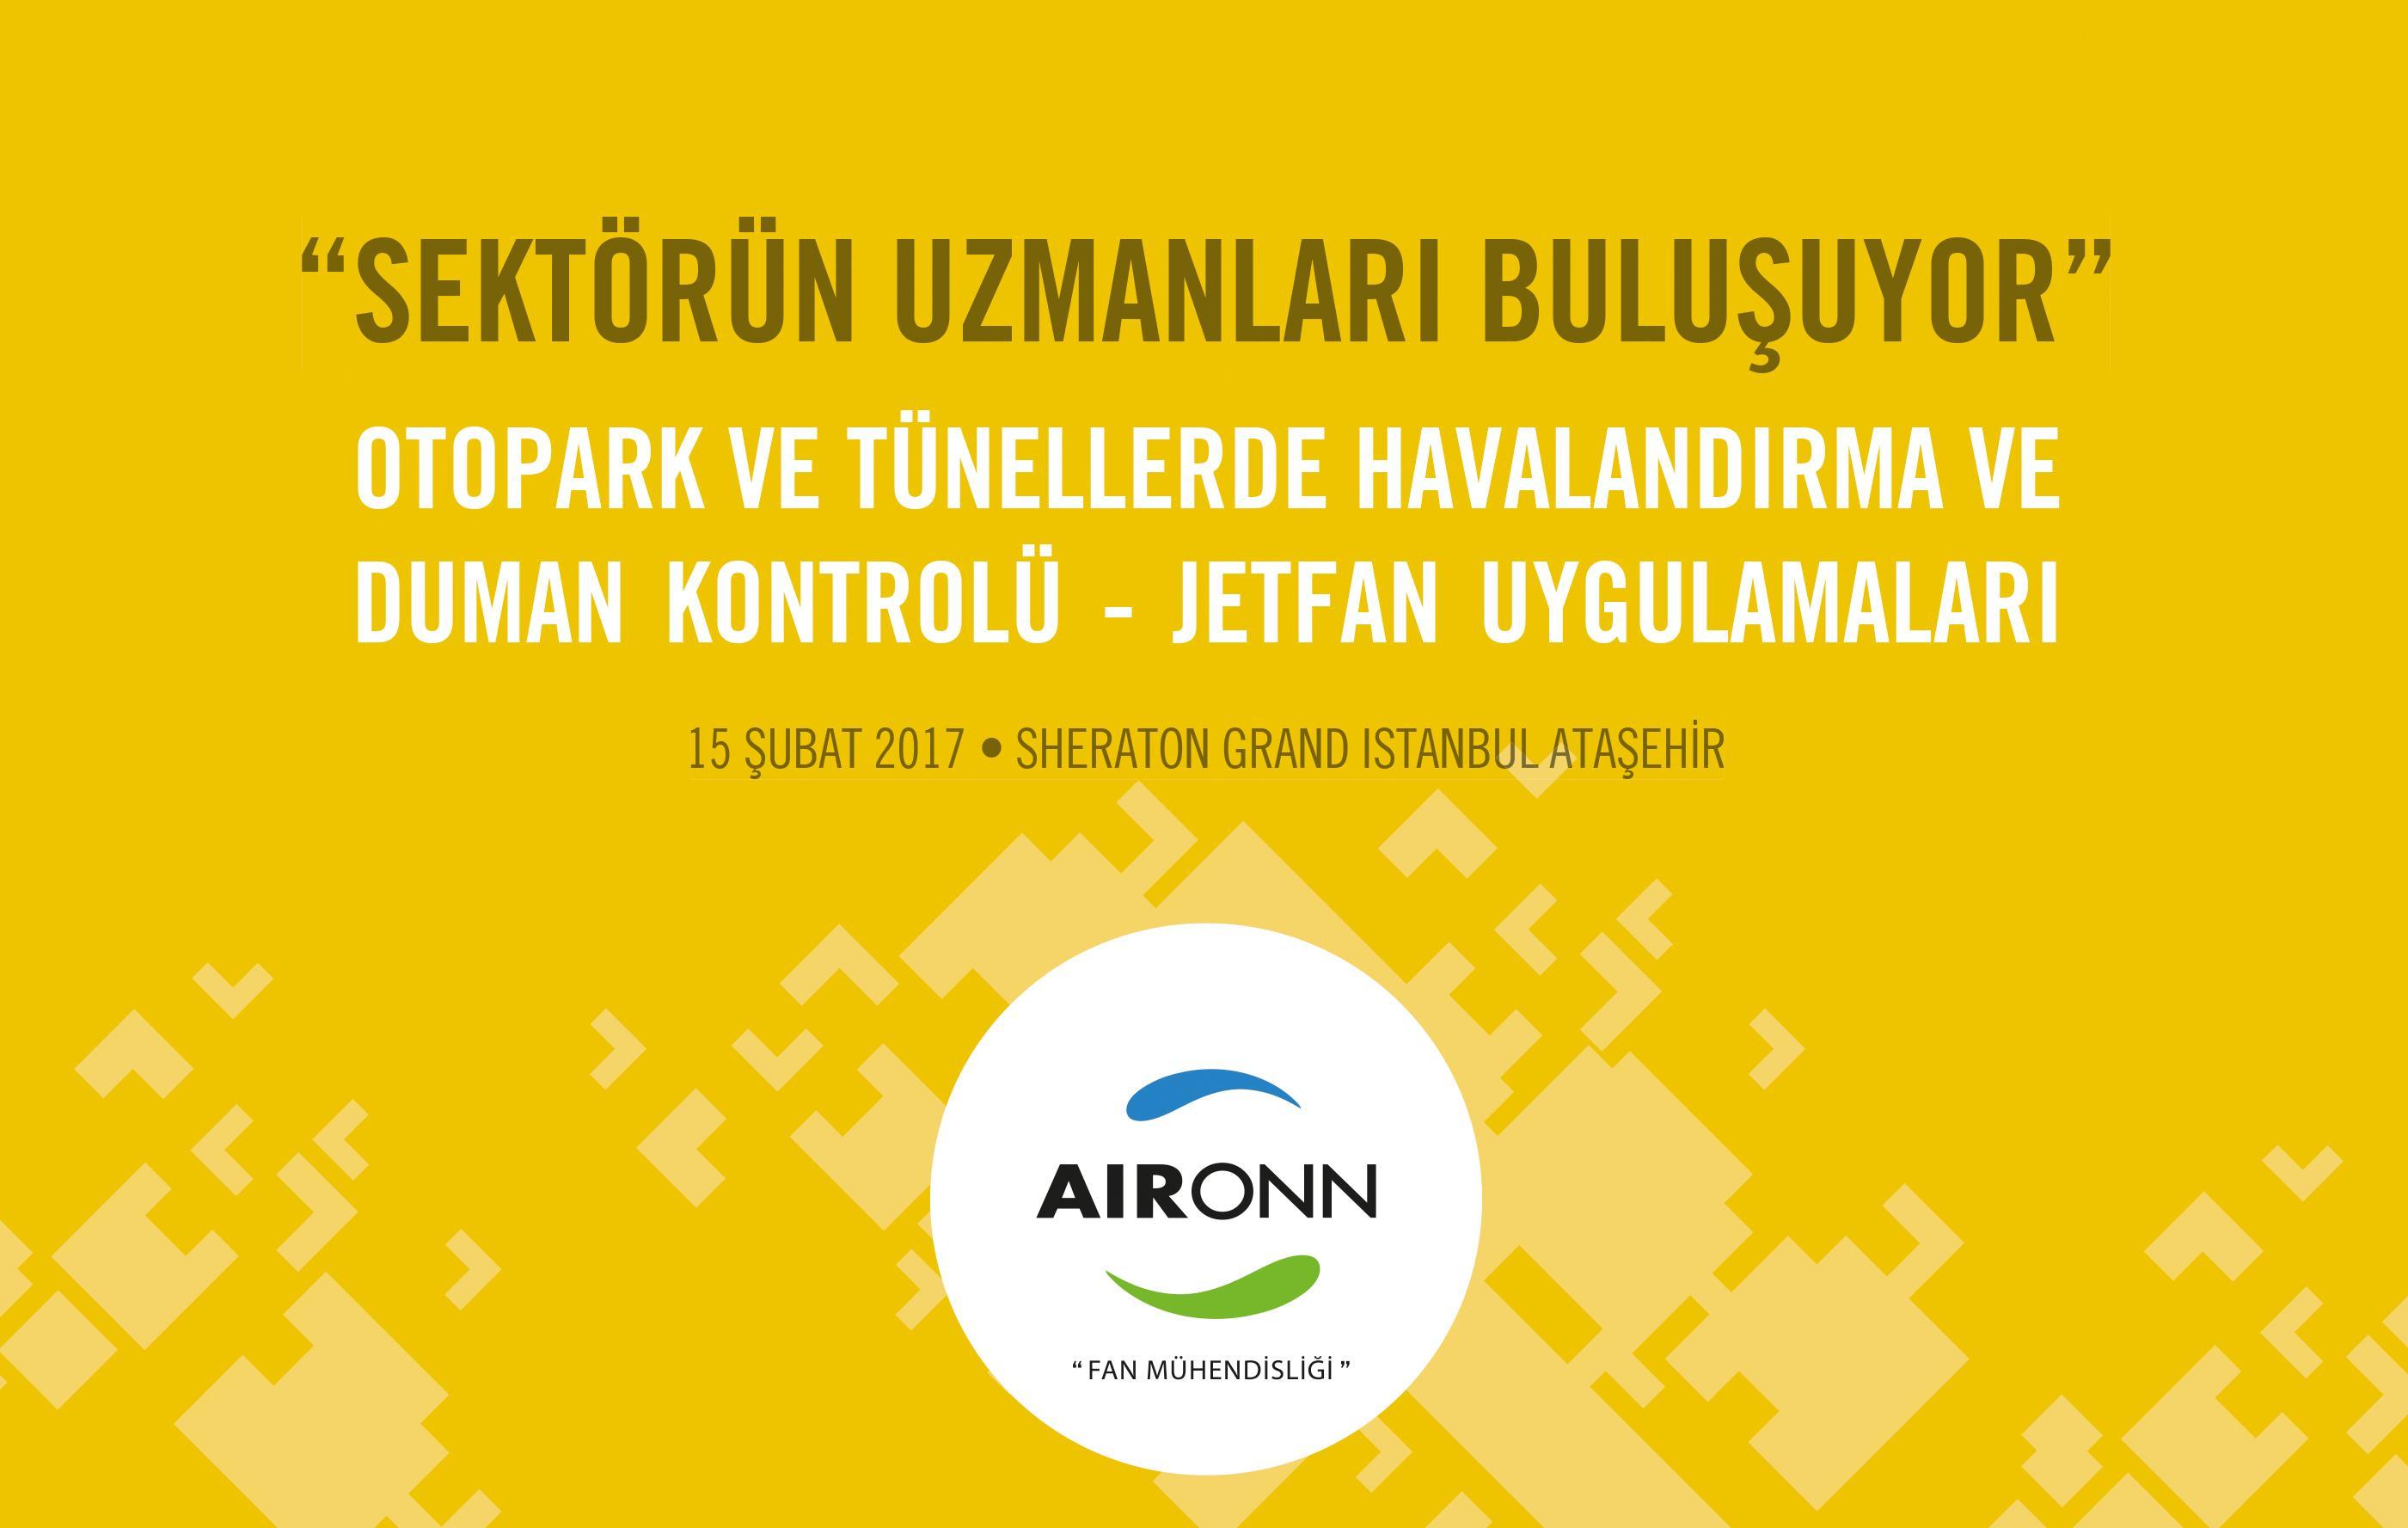 Aironn'un 'Sektörün Uzmanları Buluşuyor' Seminerine İlgi Büyük Oldu